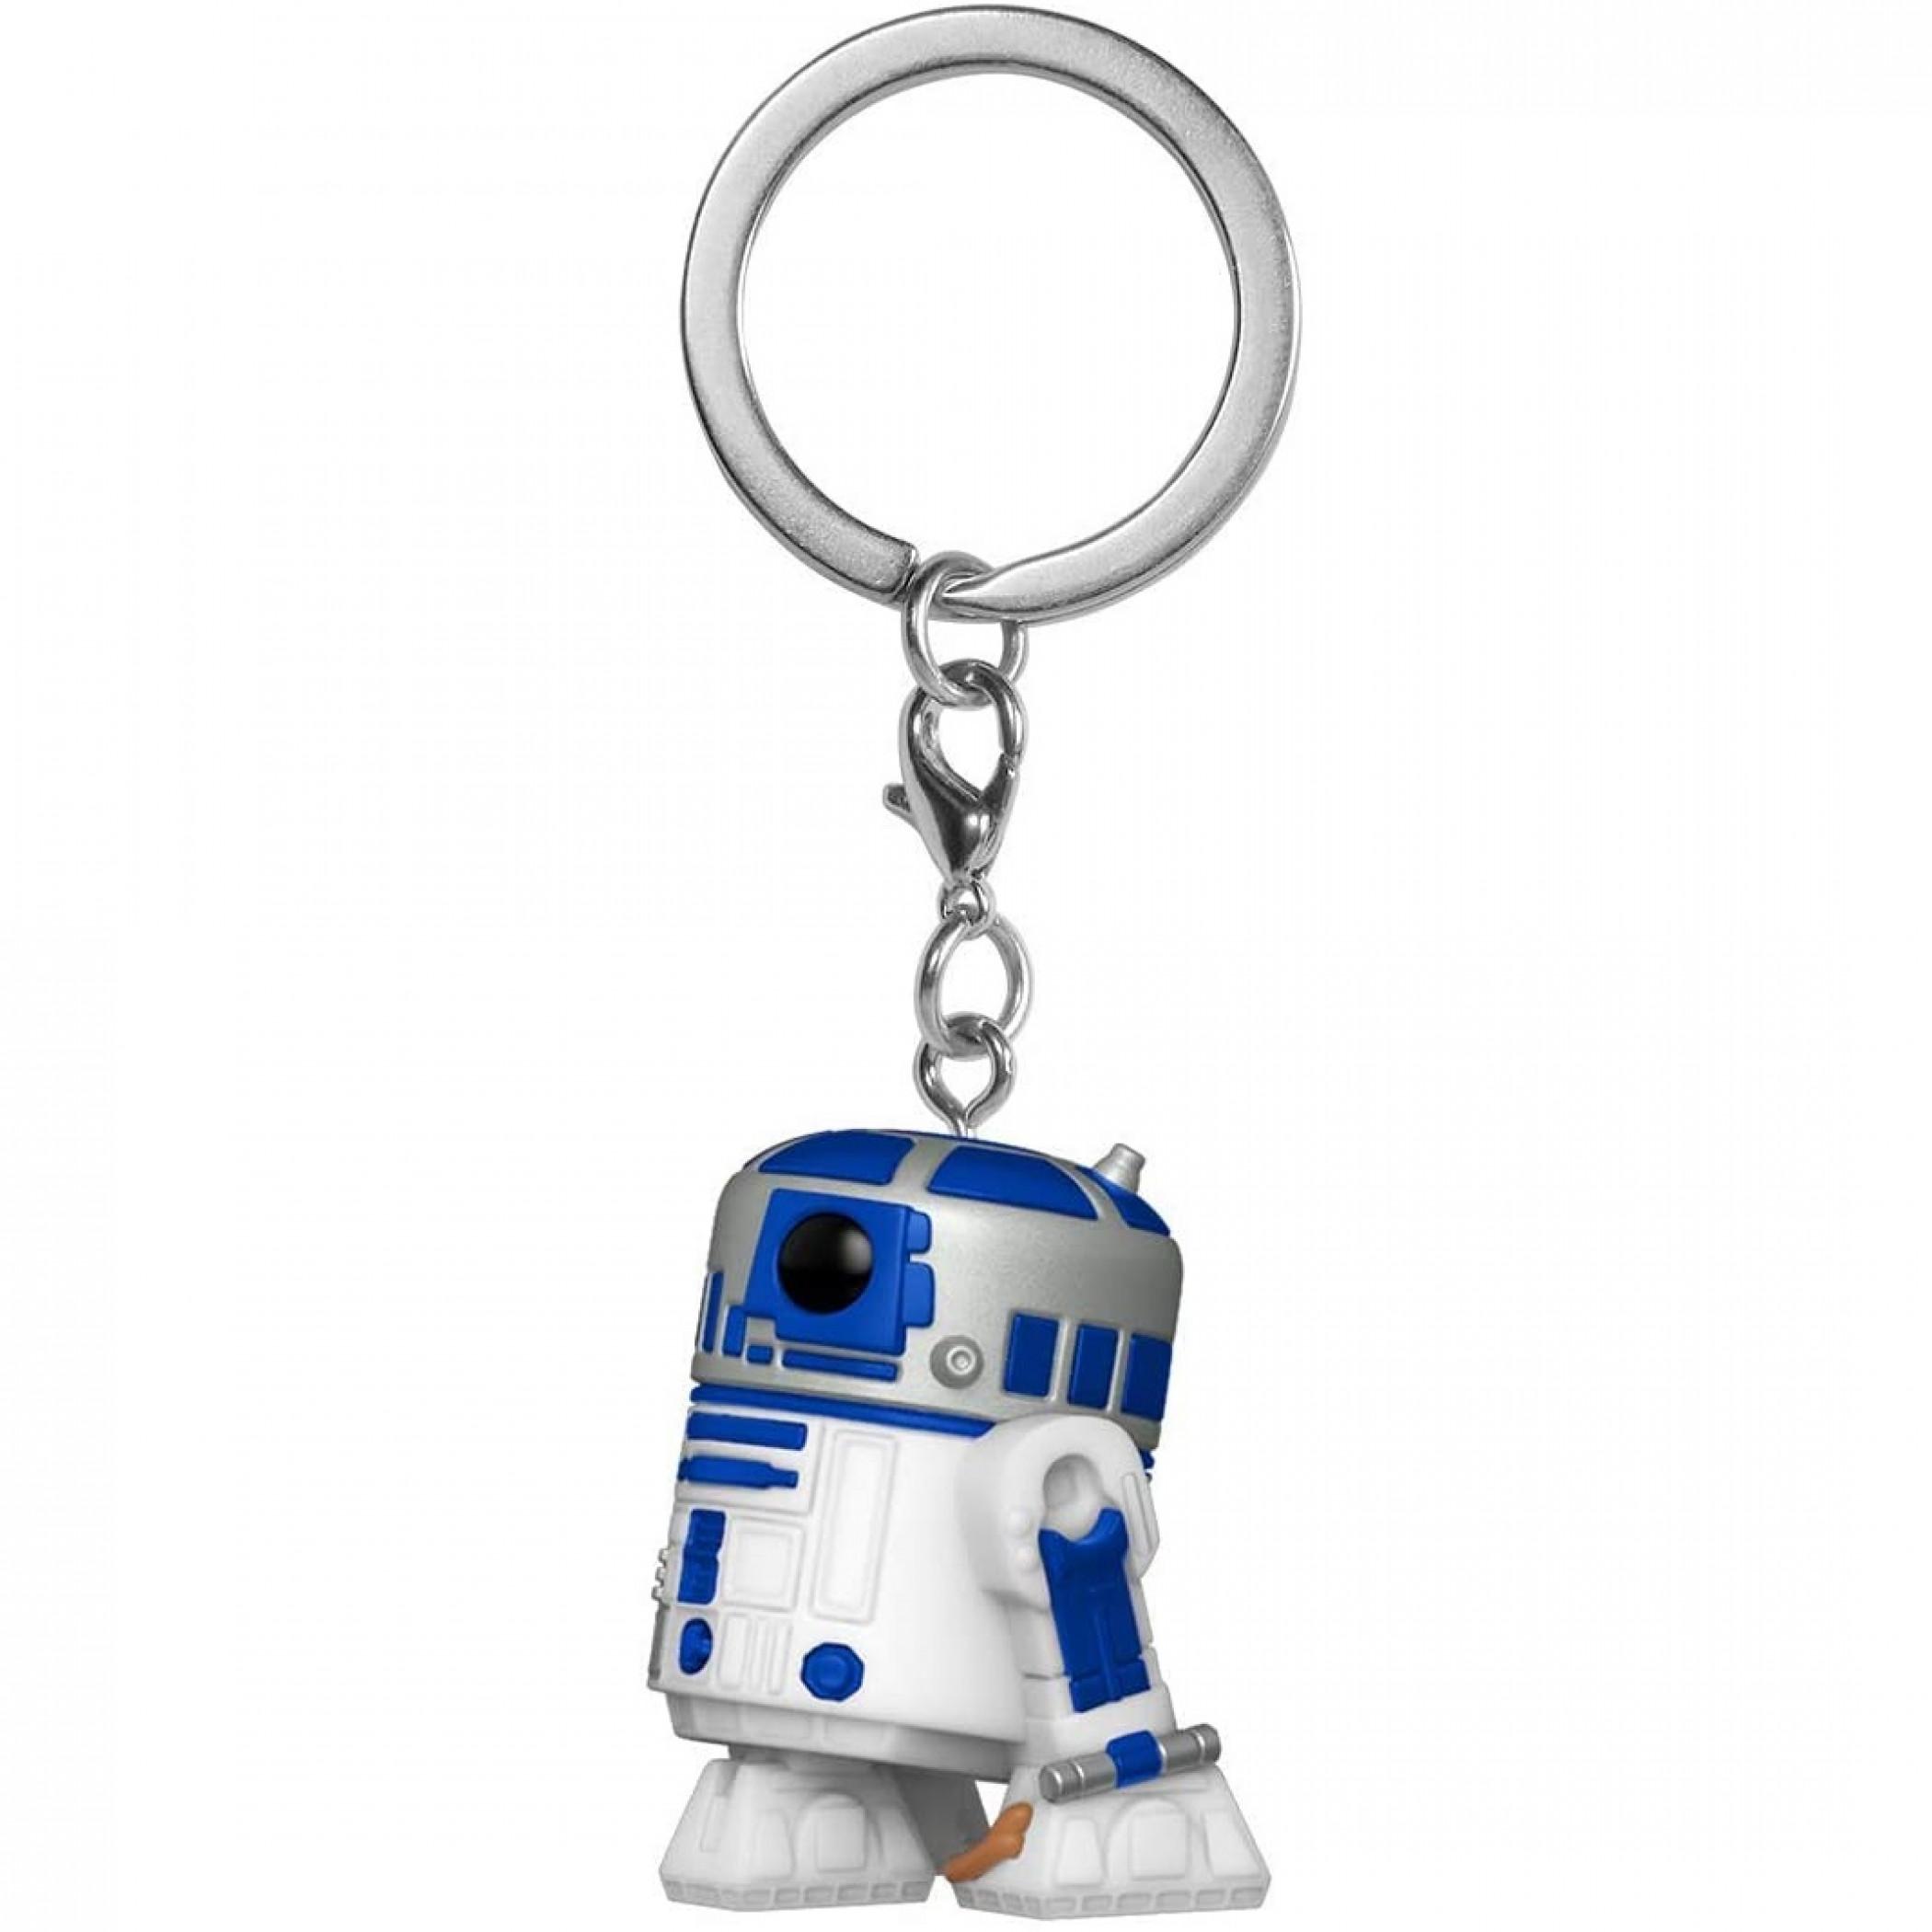 Star Wars Classics R2-D2 Funko Pop! Keychain